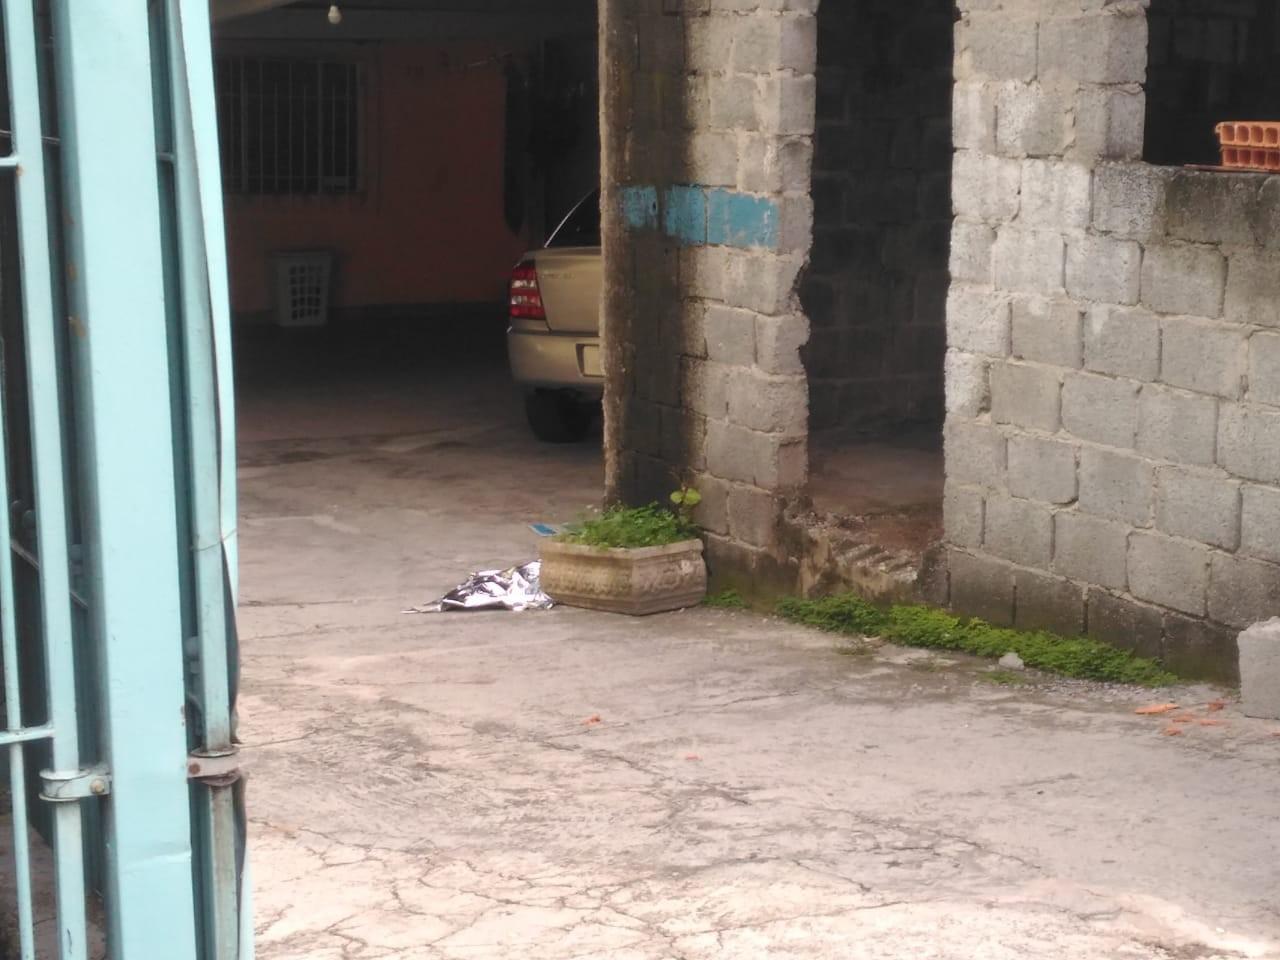 Corpo de bebê é retirado de túmulo e jogado no quintal de casa em Itaquaquecetuba, diz polícia - Noticias